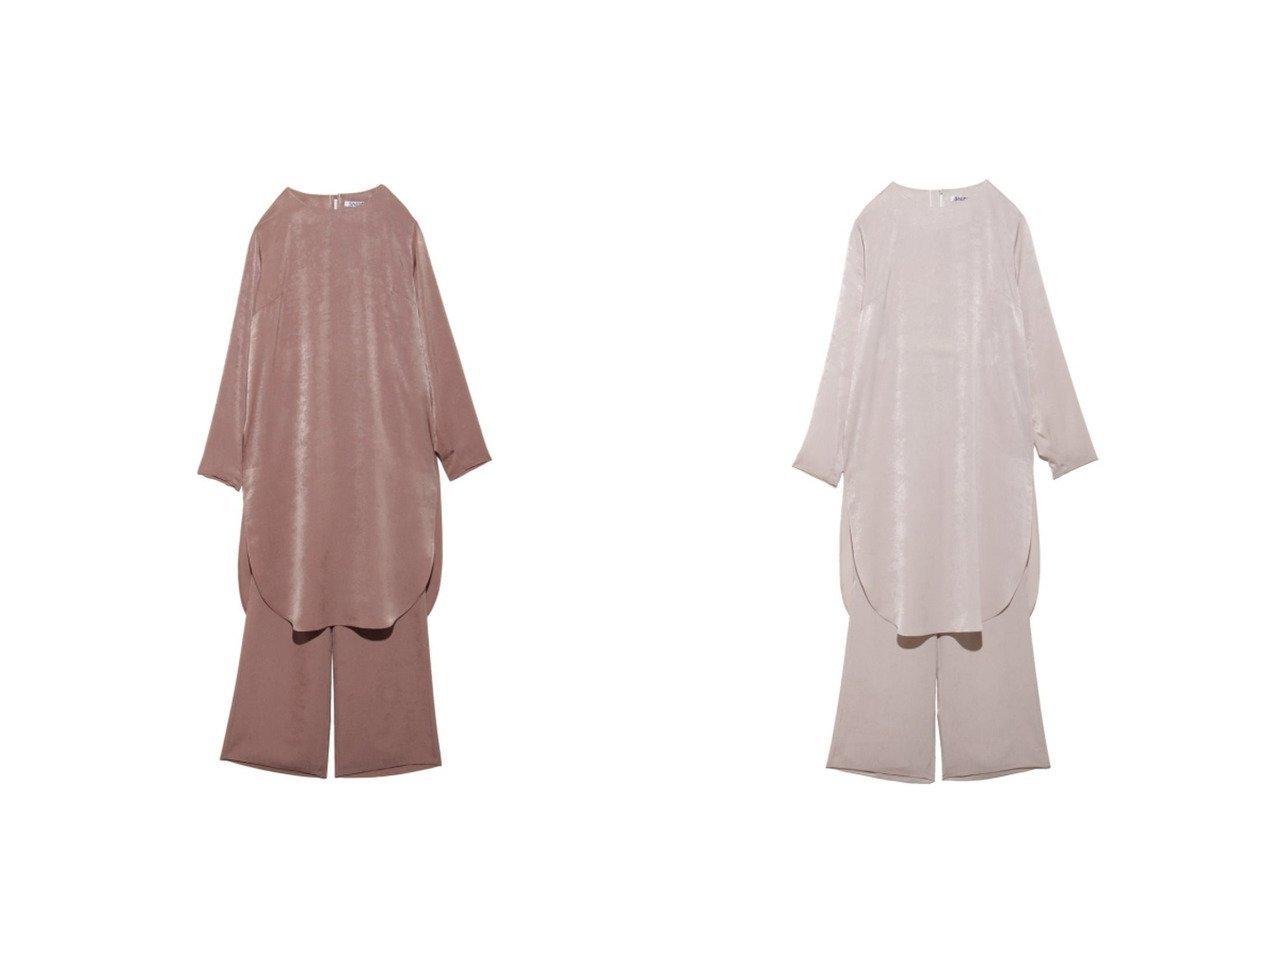 【SNIDEL/スナイデル】のサテンセットアップ ワンピース・ドレスのおすすめ!人気、レディースファッションの通販 おすすめで人気のファッション通販商品 インテリア・家具・キッズファッション・メンズファッション・レディースファッション・服の通販 founy(ファニー) https://founy.com/ ファッション Fashion レディース WOMEN セットアップ Setup ヴィンテージ サテン シンプル スウェード セットアップ チュニック バランス リラックス |ID:crp329100000002486